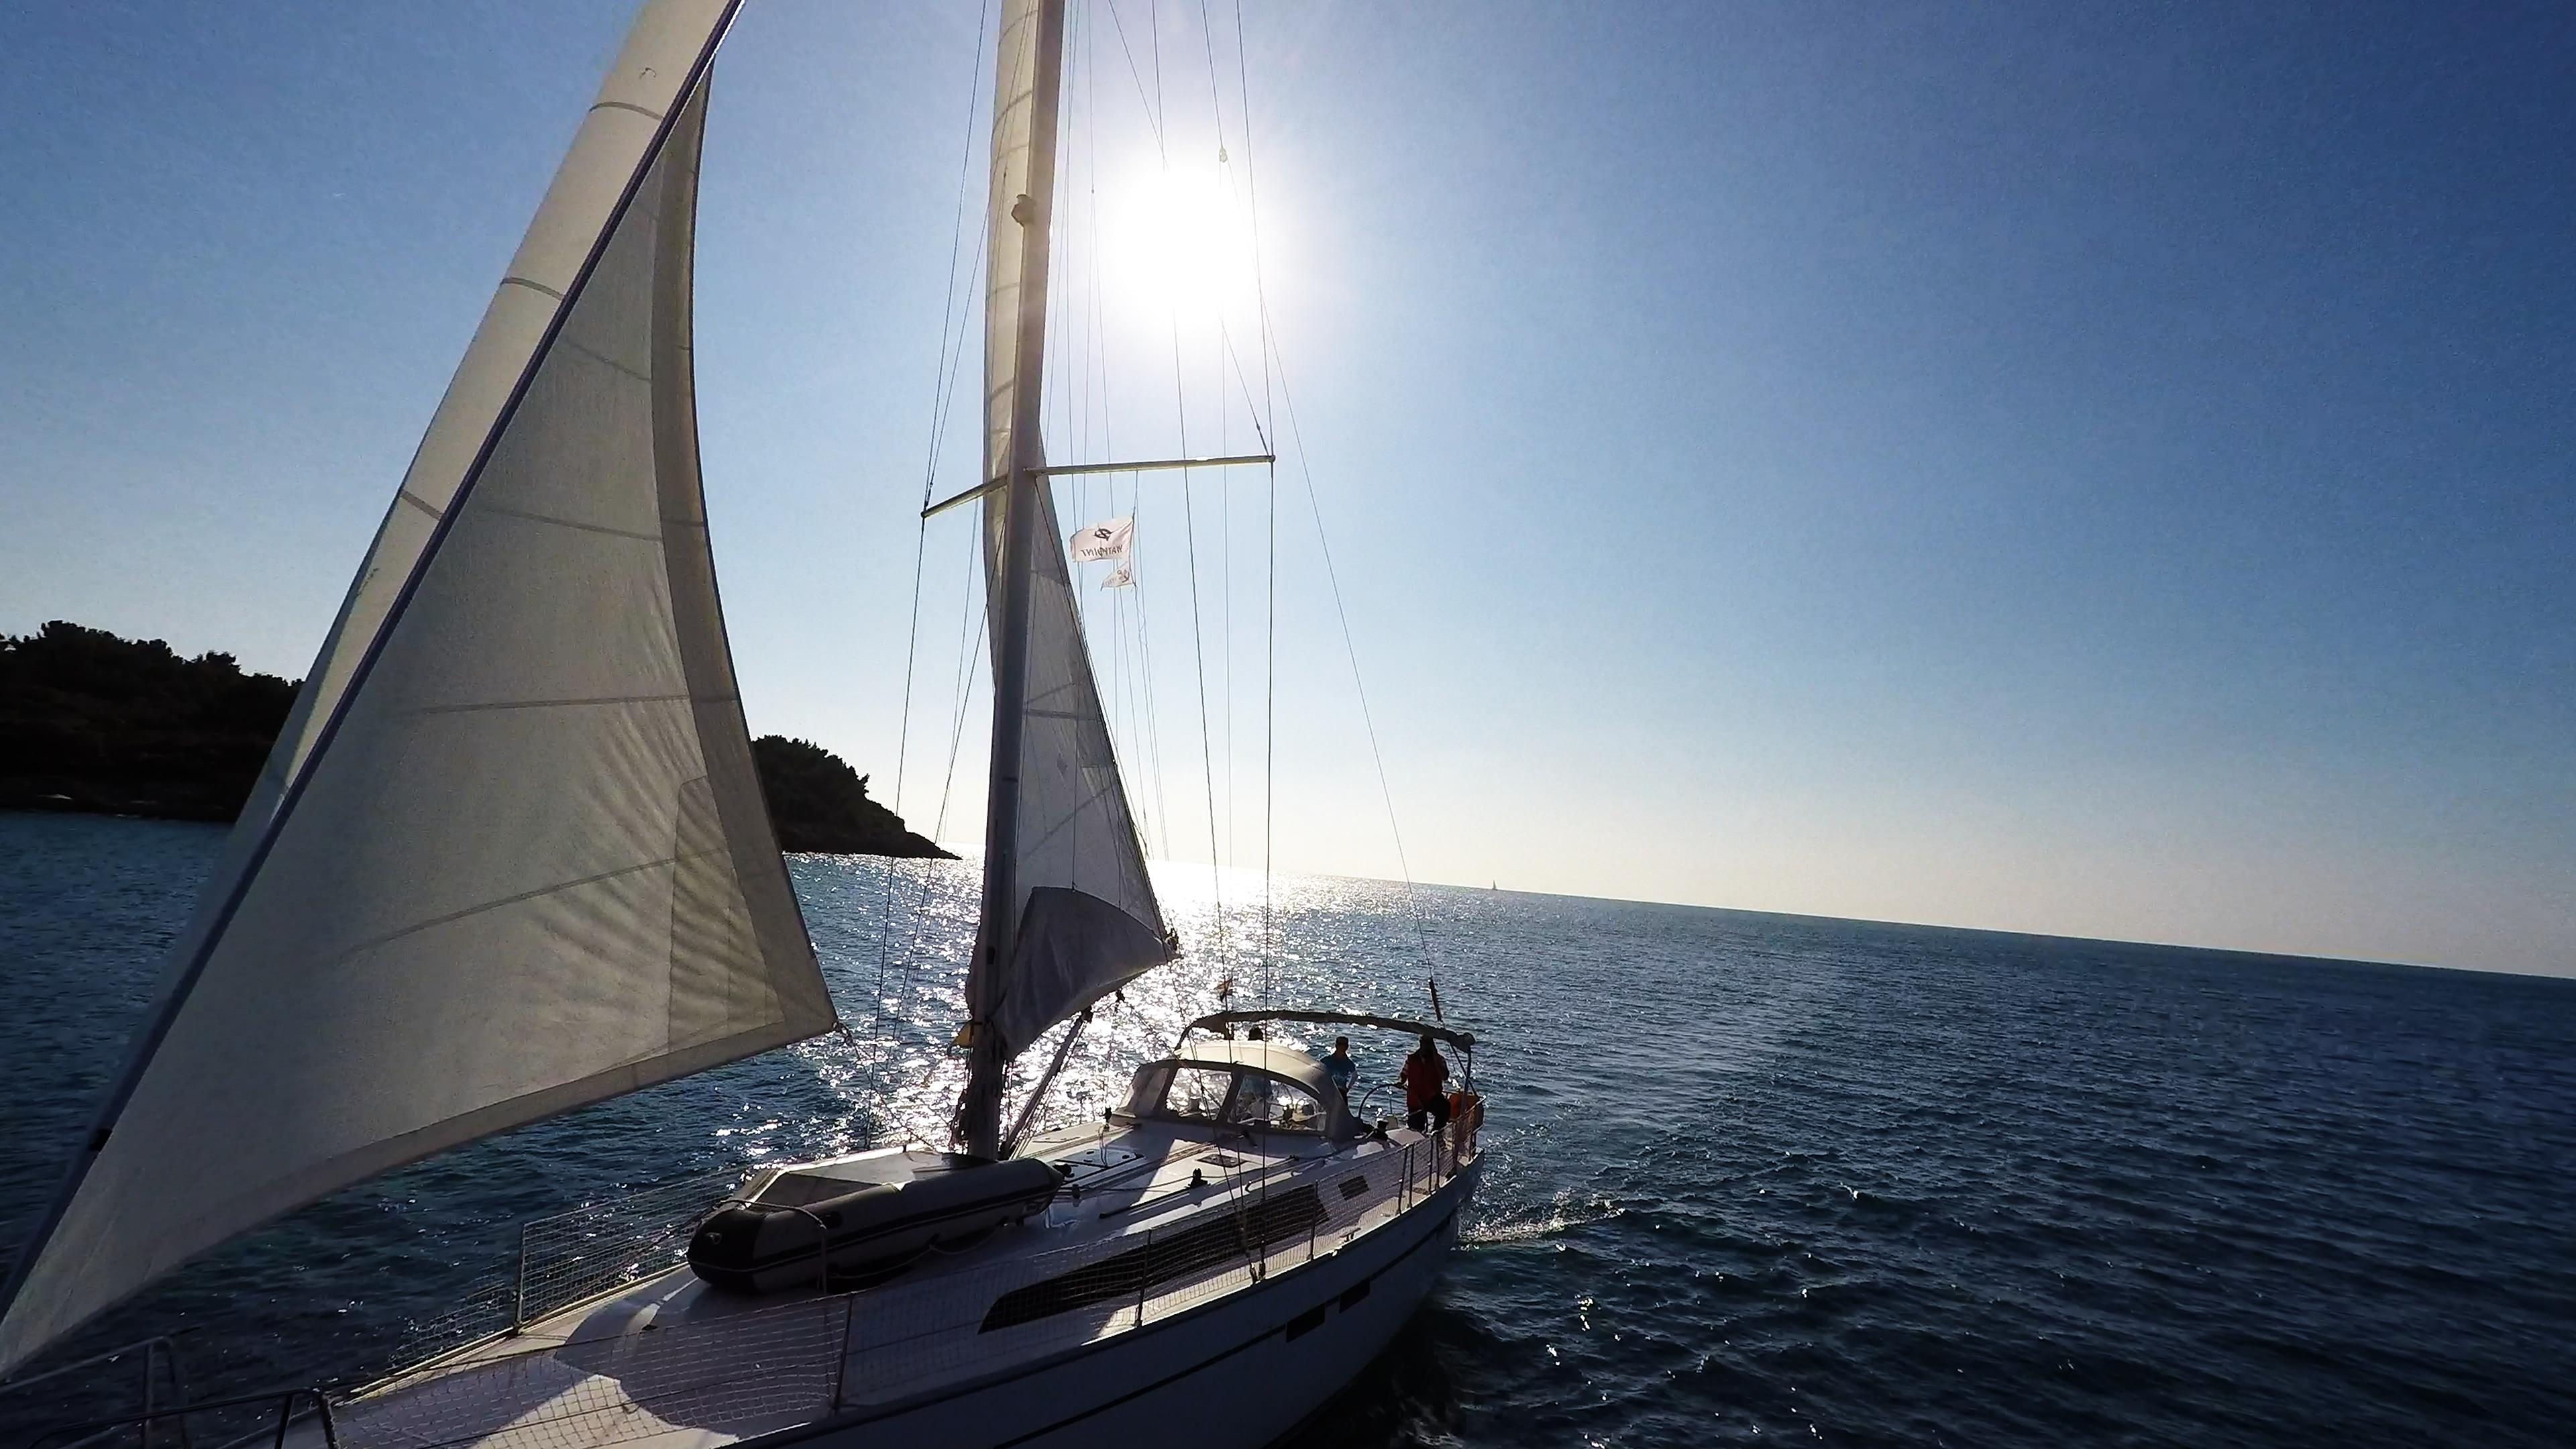 barcha a vela barca a vela venendo dal mare aperto sole yacht